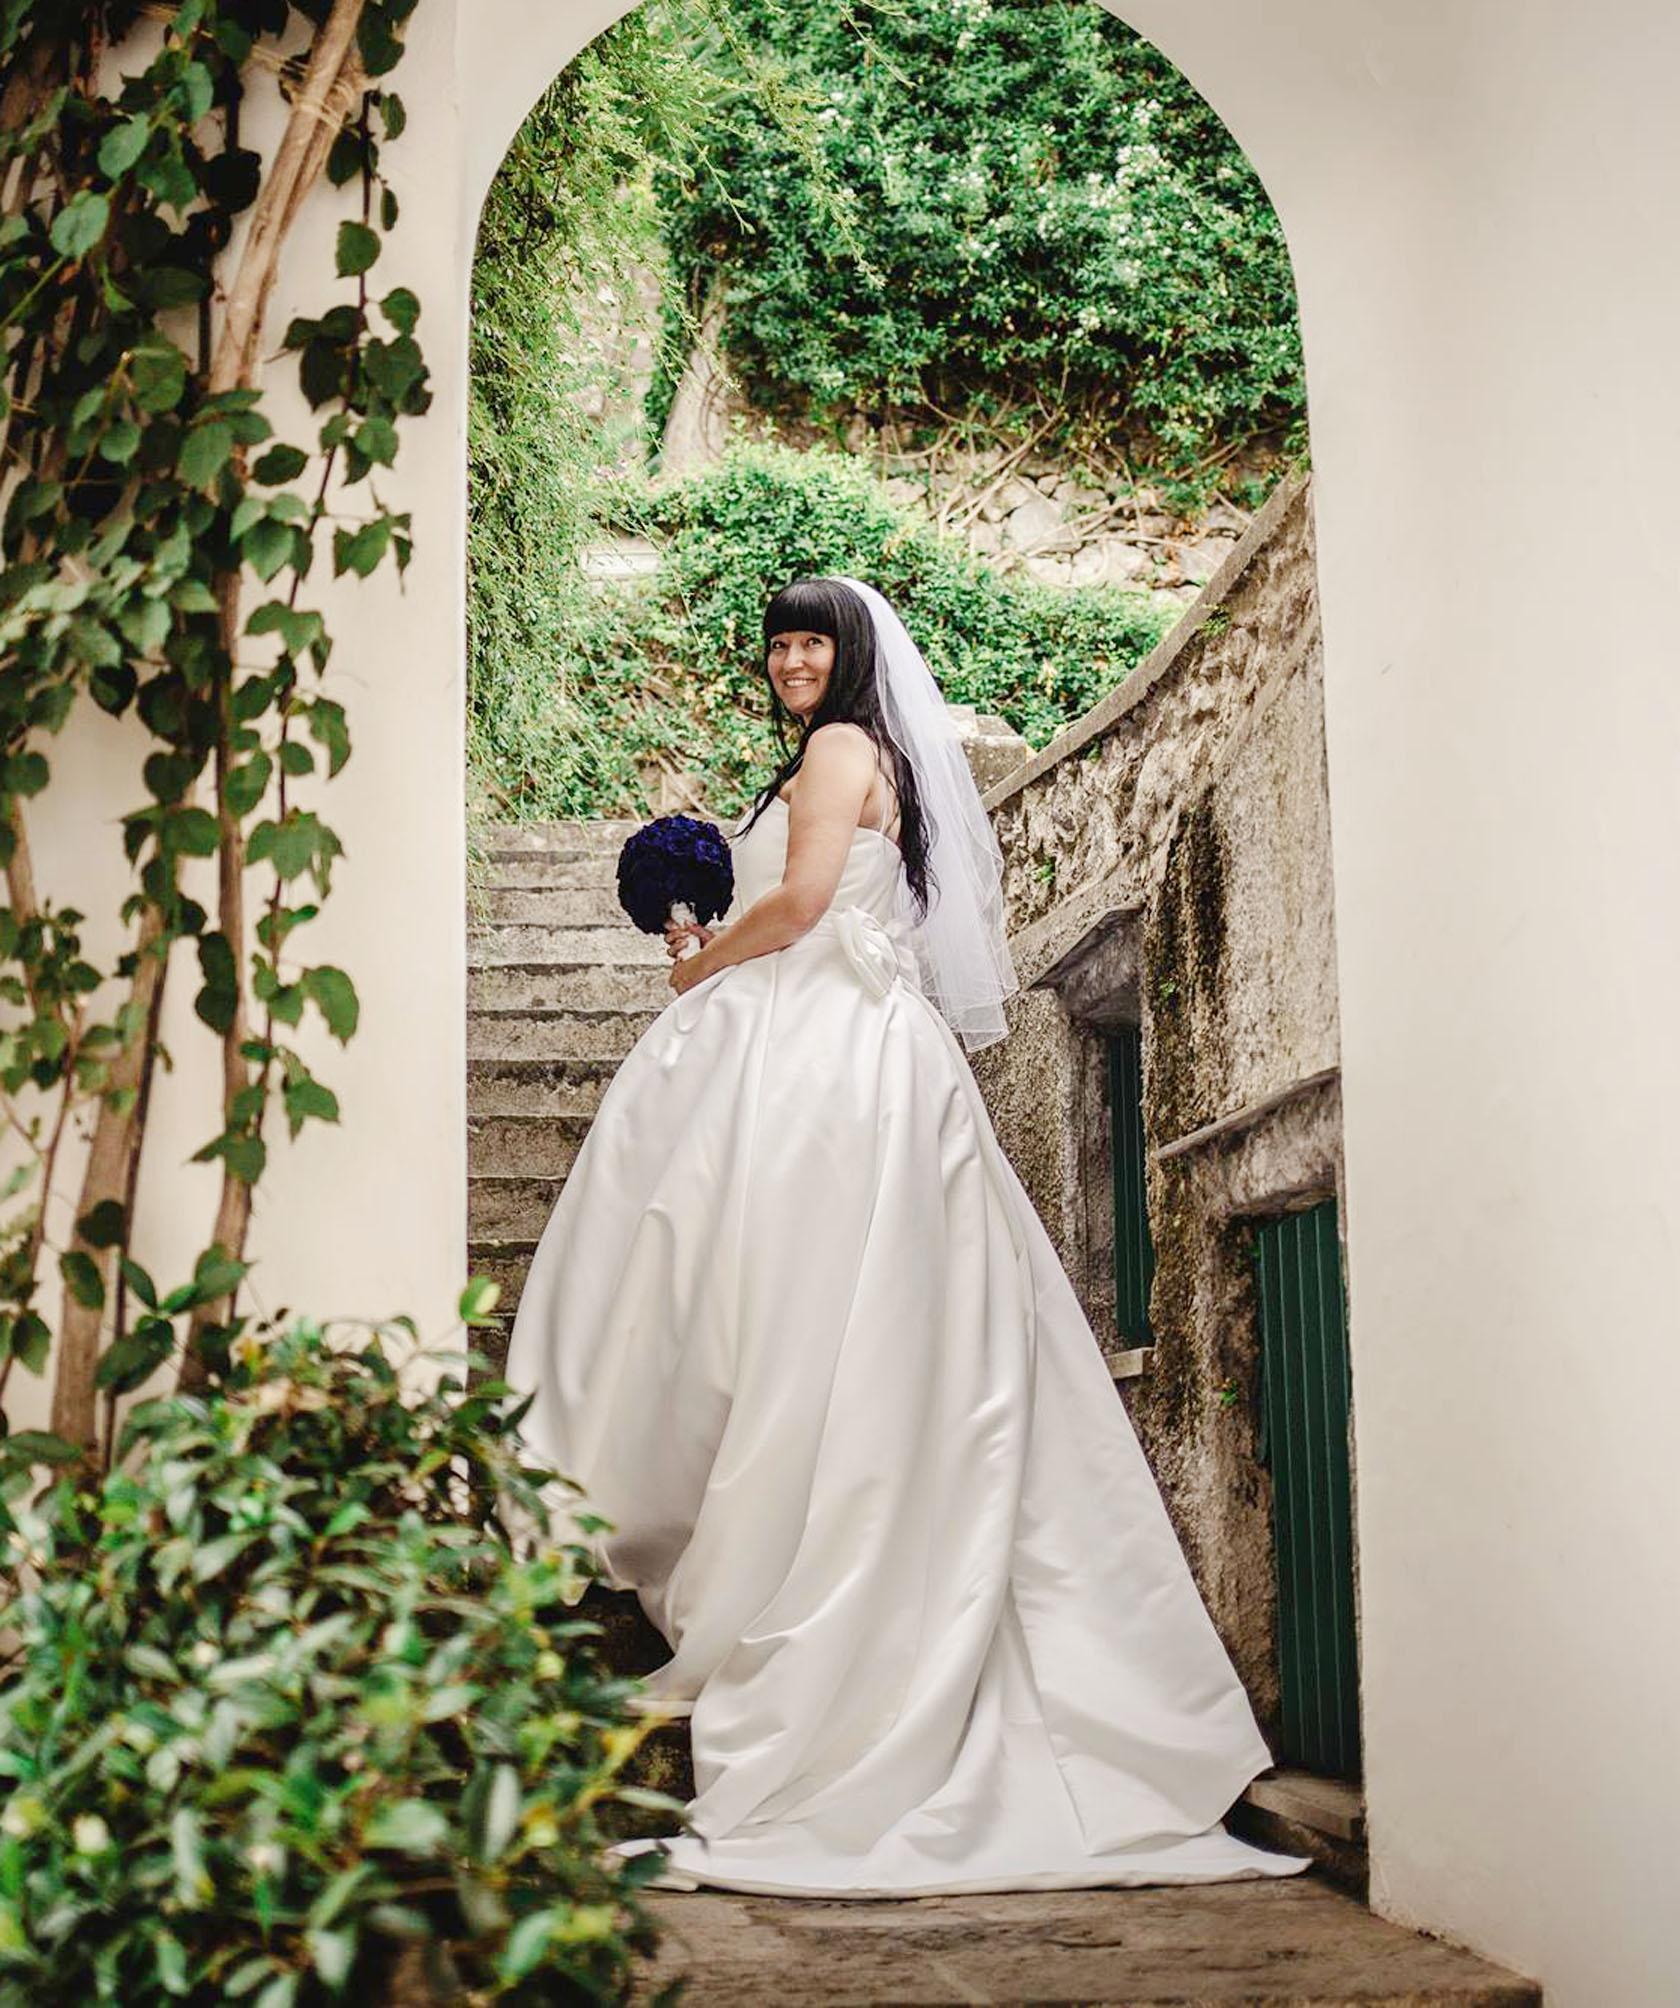 Confection Tulle et Crinoline robe de mariée